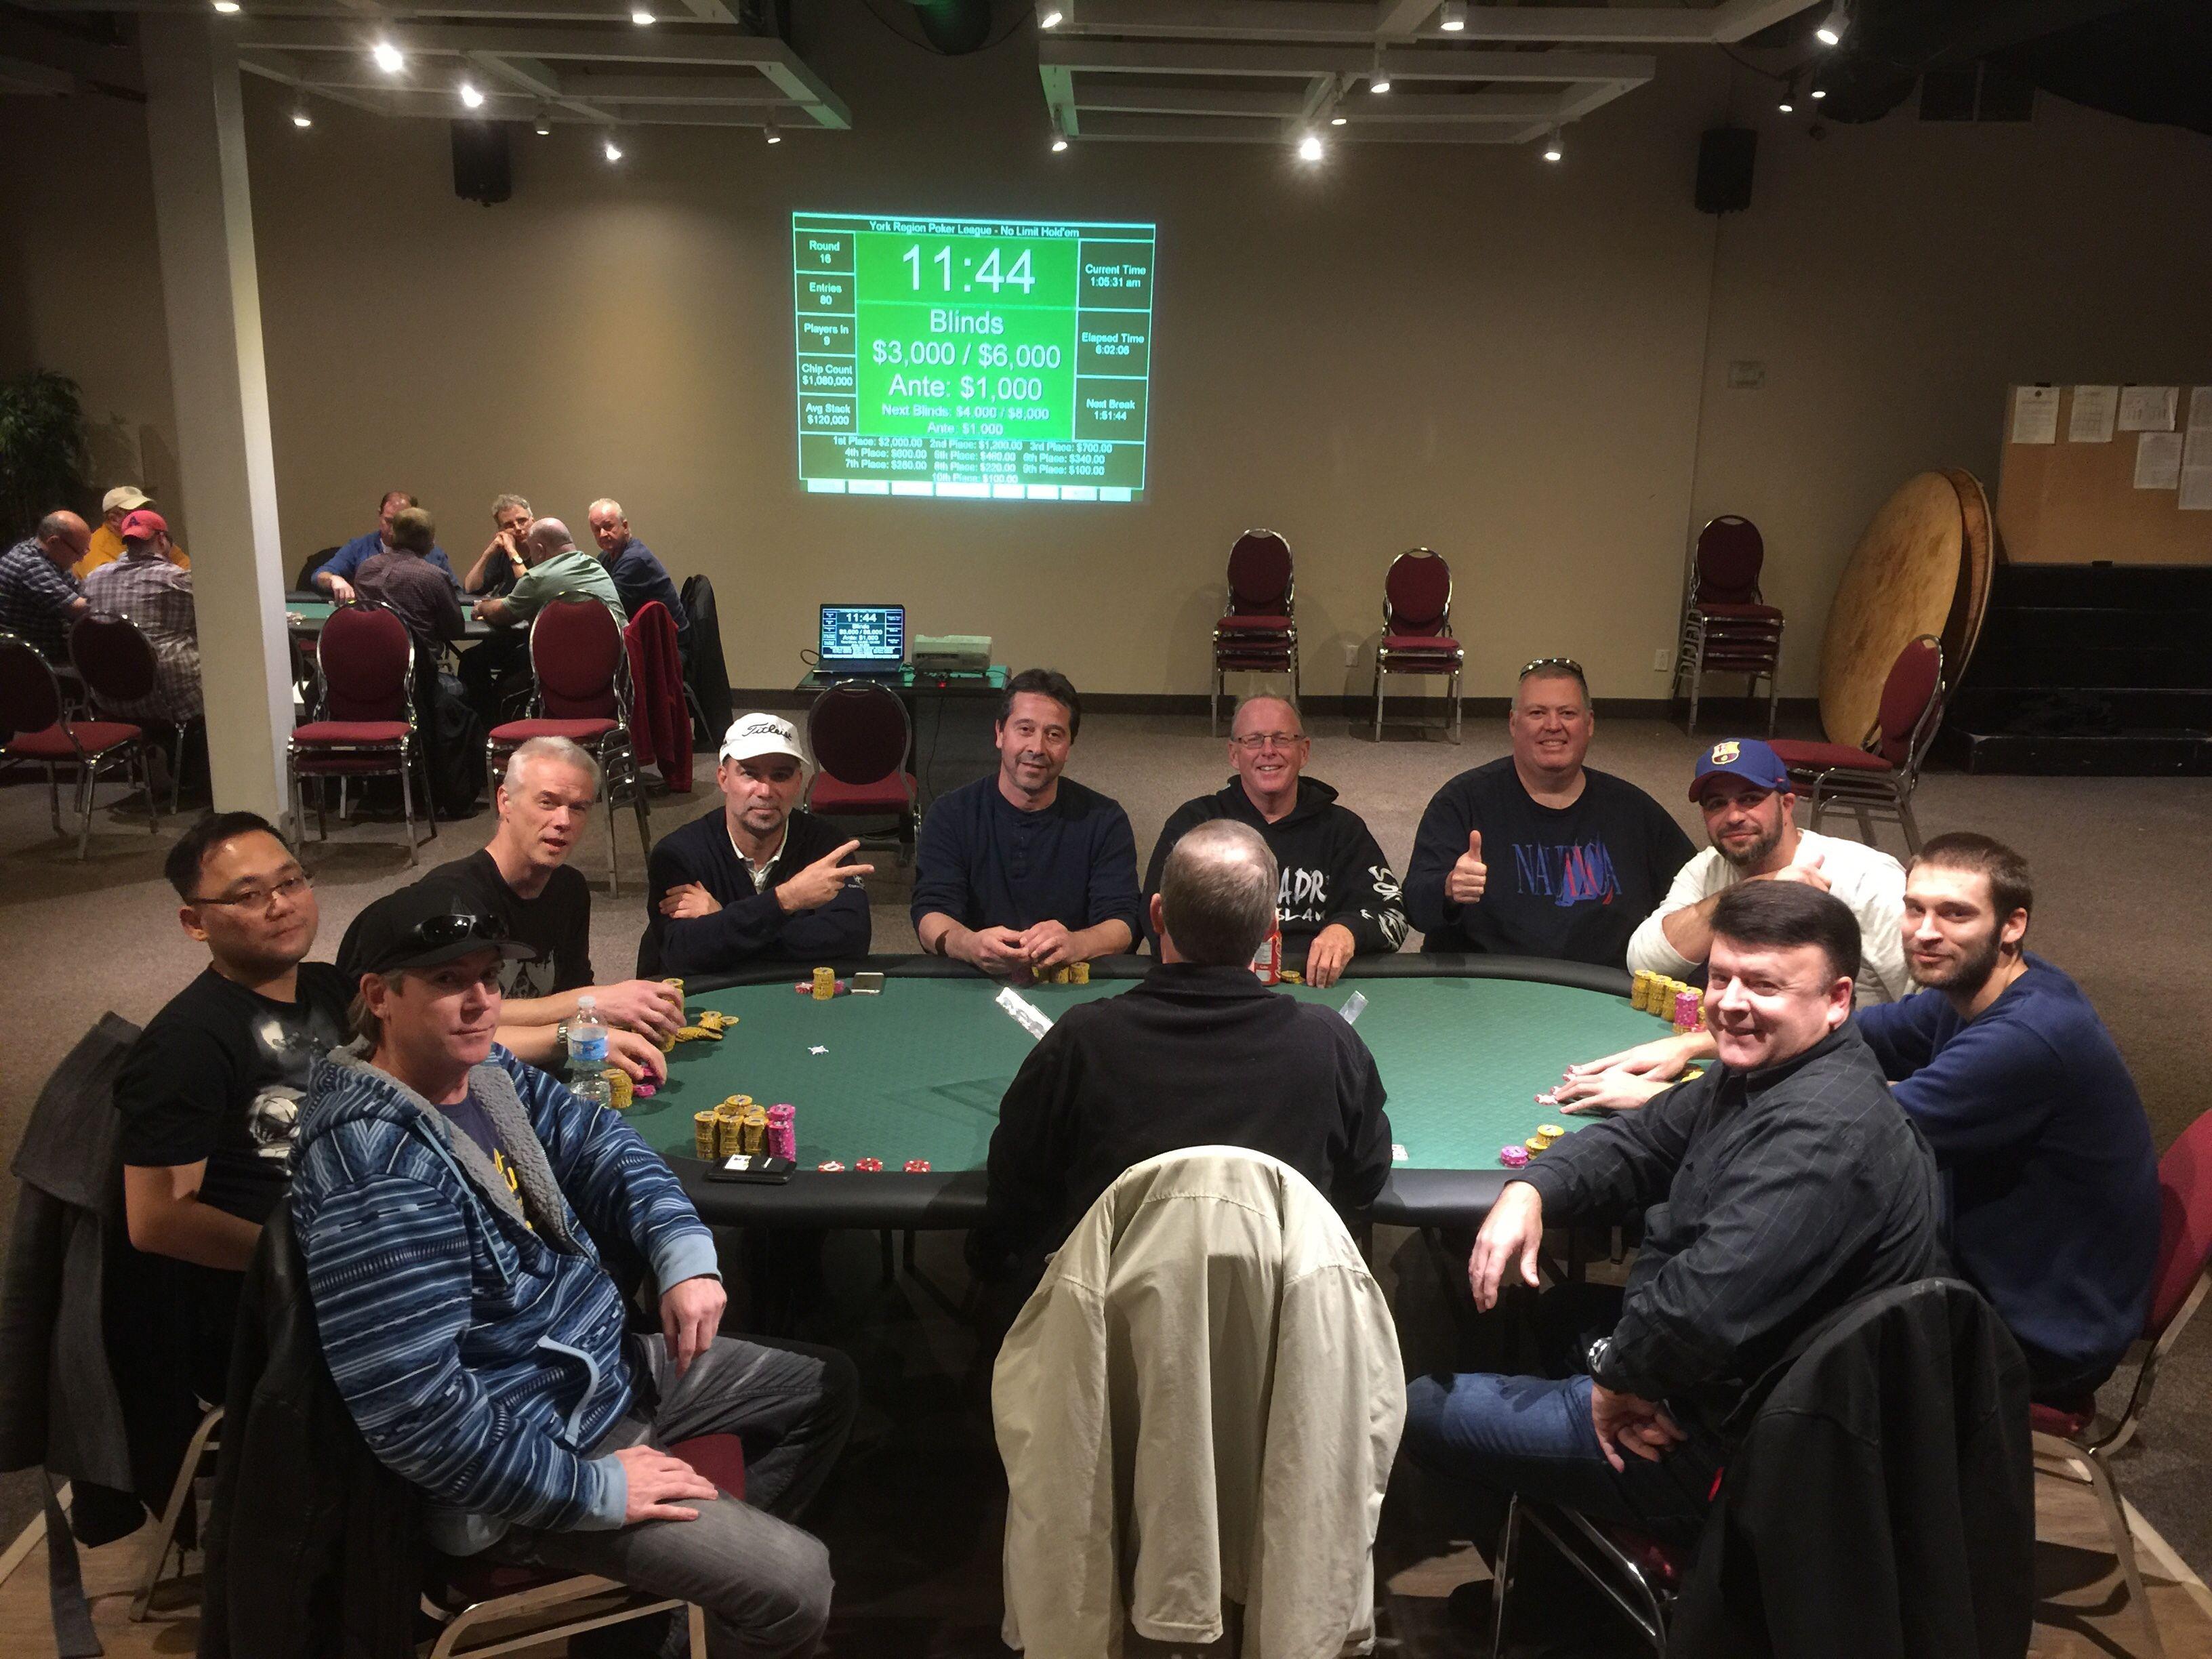 Gambling human rights